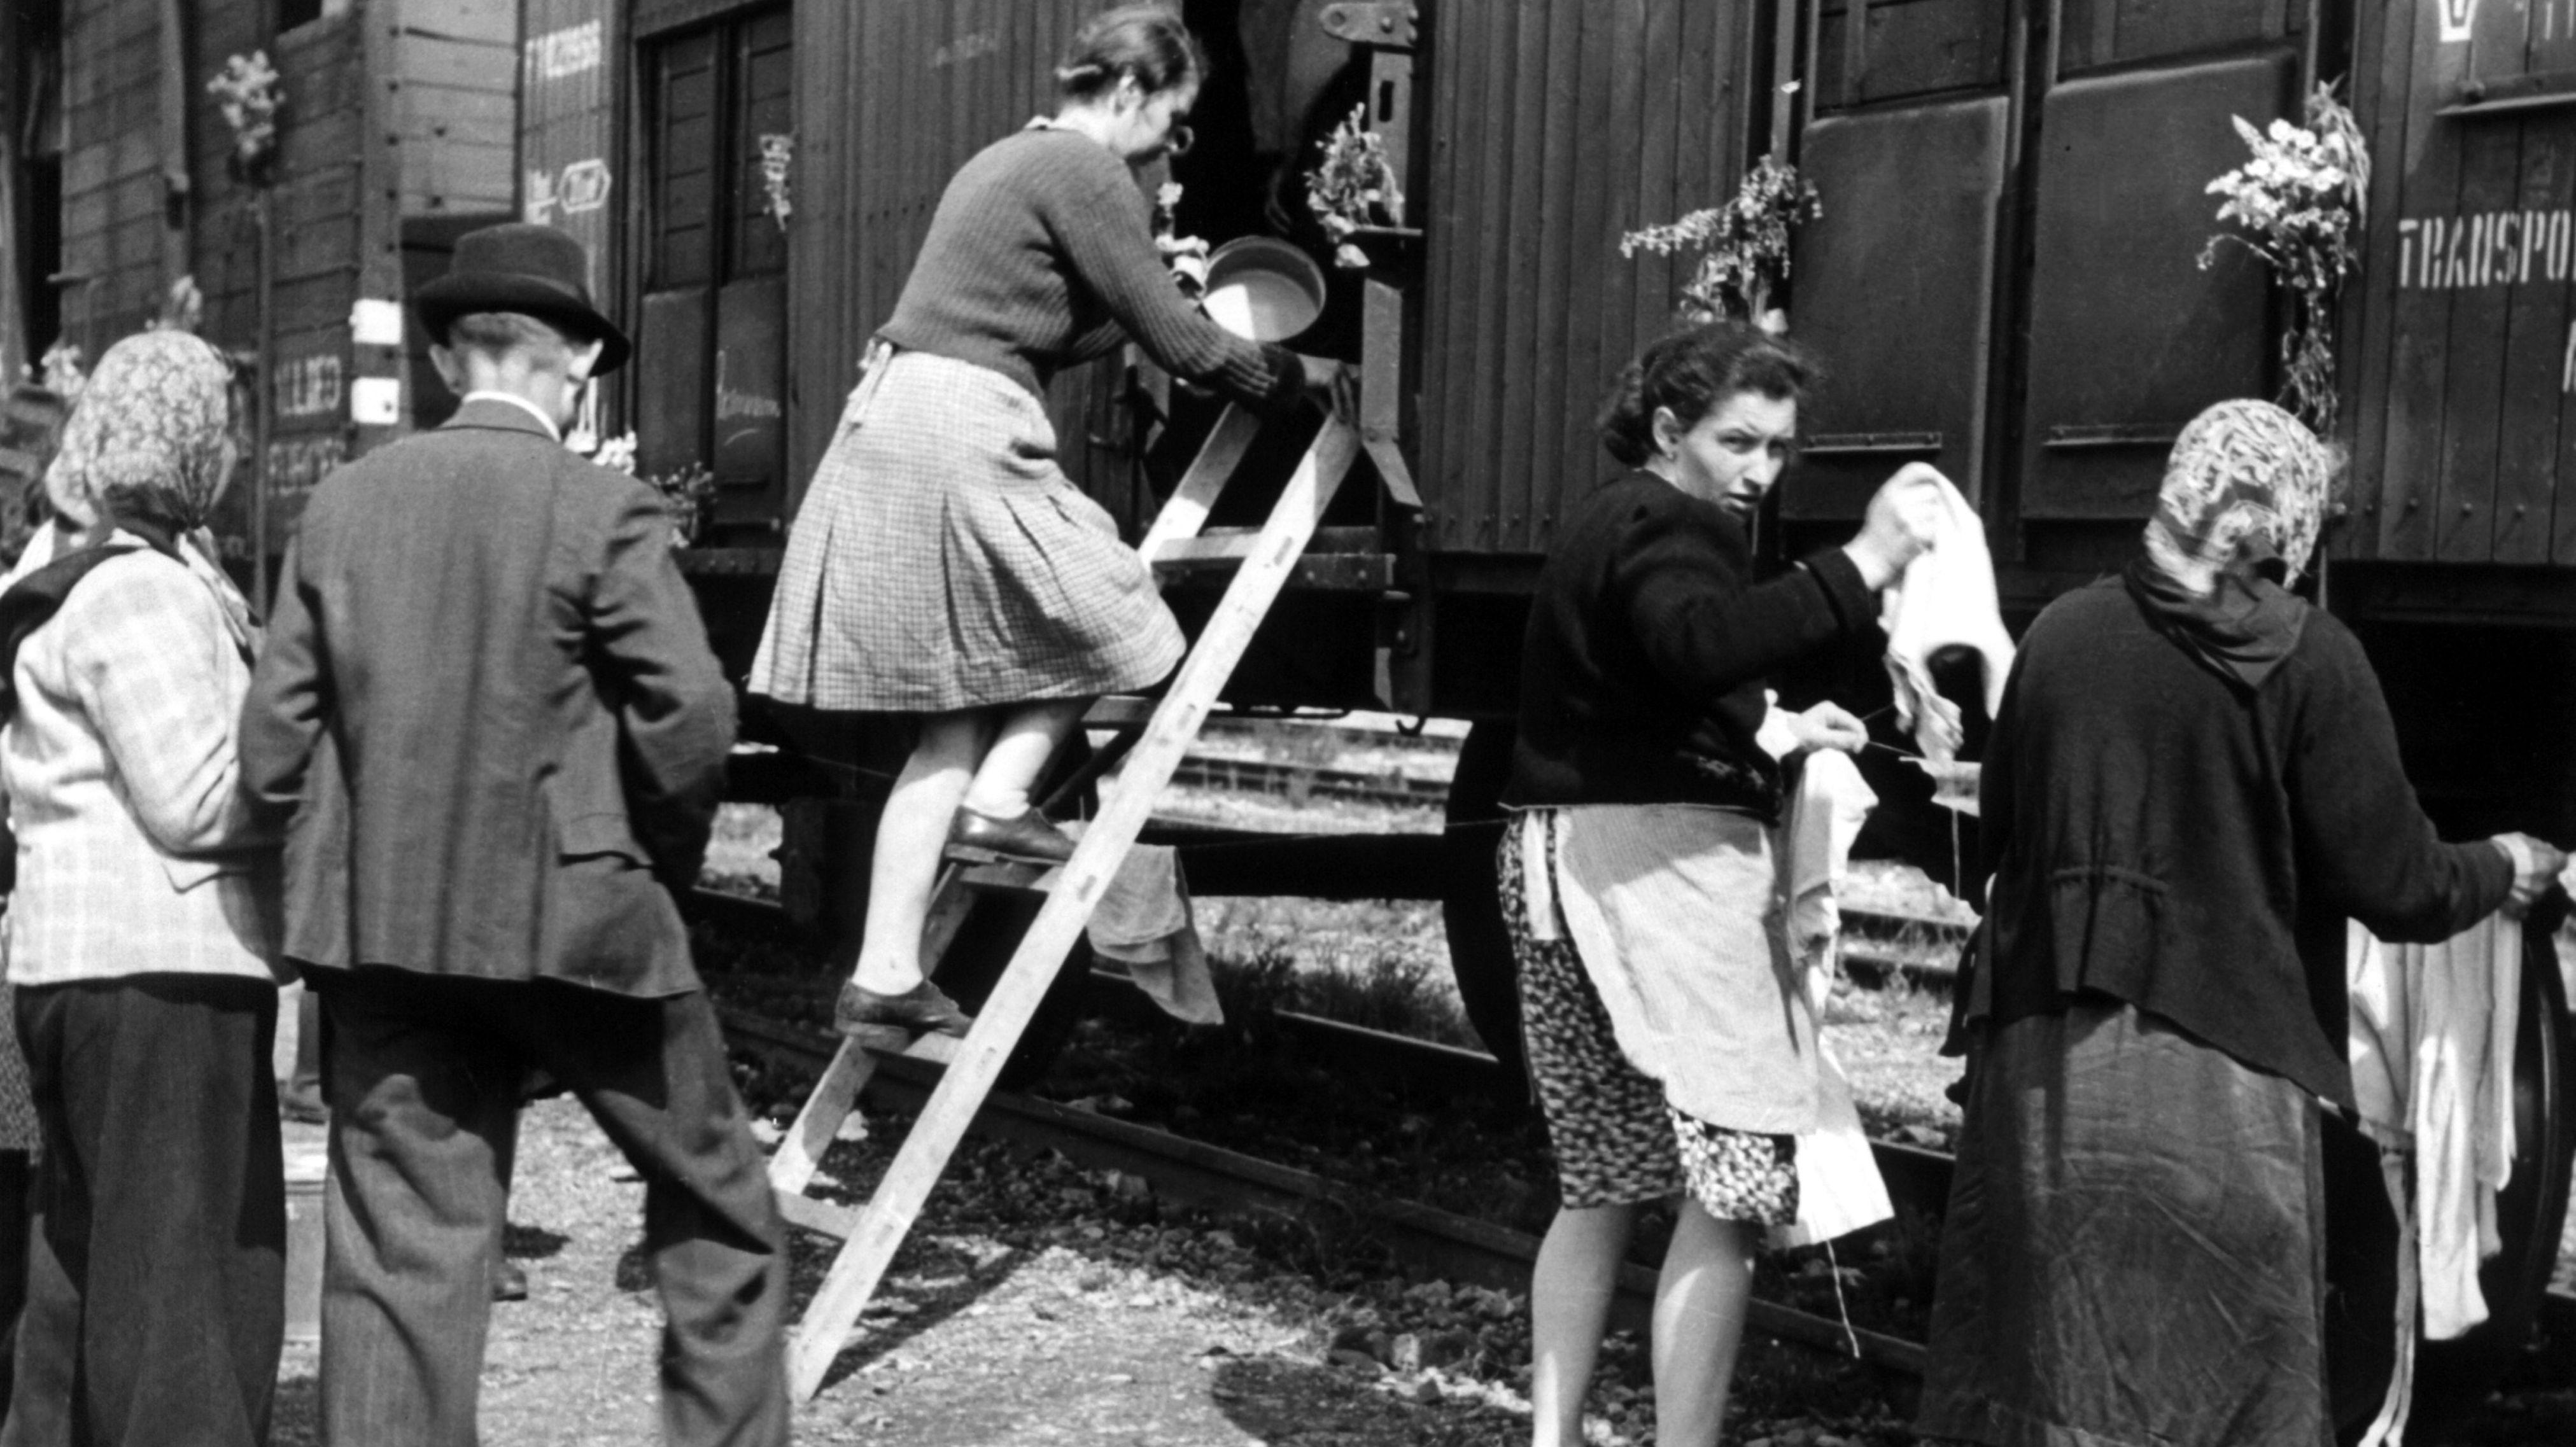 Vertriebene aus der Tschechoslowakei werden im Juni 1946 vor ihrer Weiterfahrt auf dem Münchner Bahnhof Allach vom Roten Kreuz betreut.